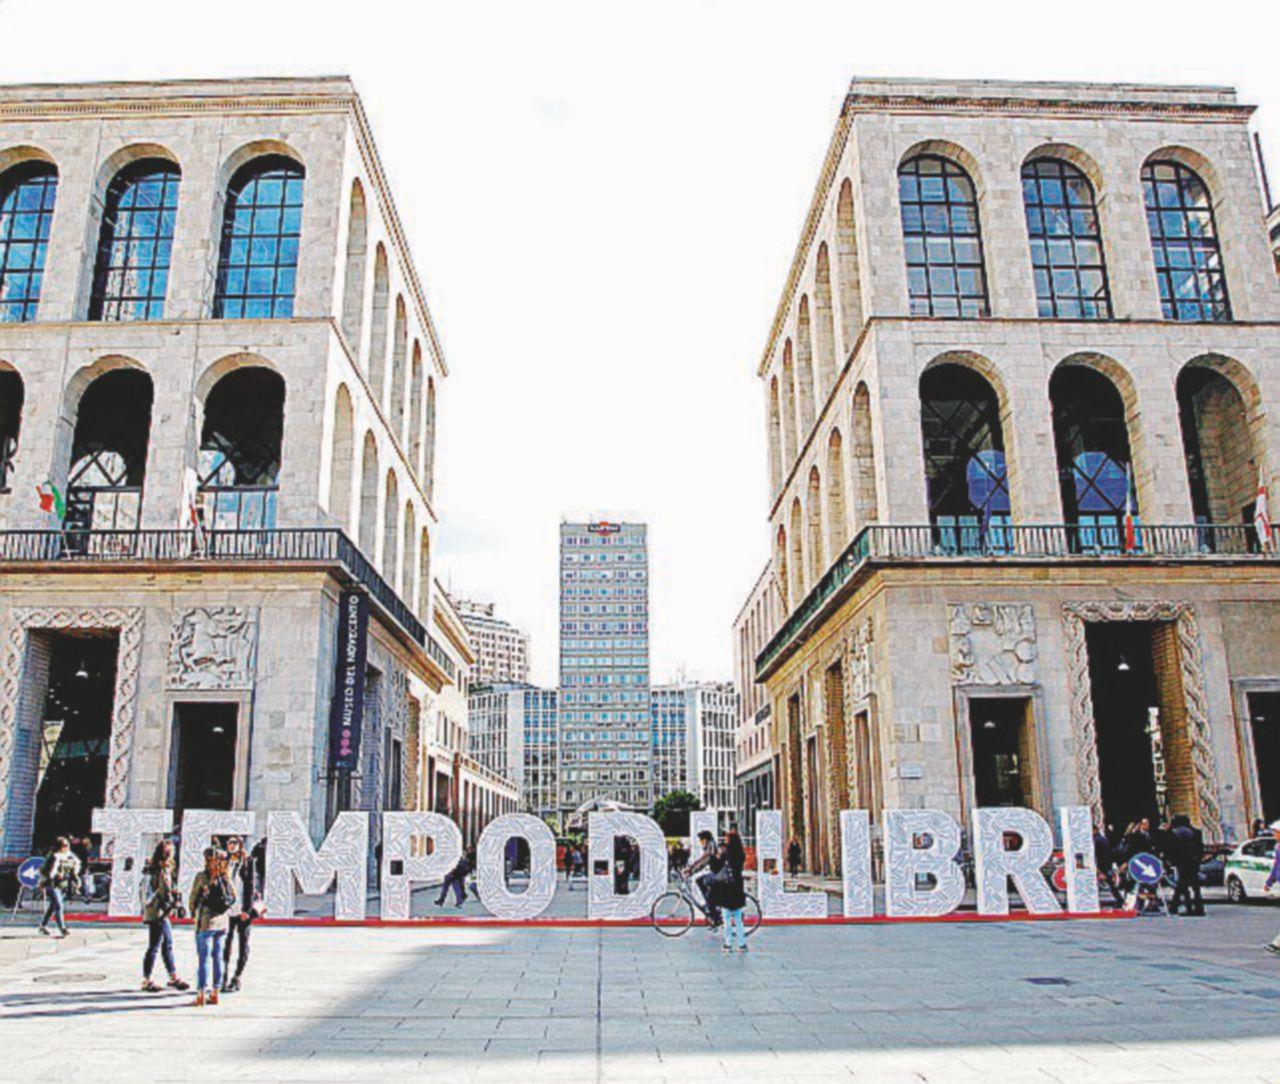 Le cinque giornate per rilanciare Milano